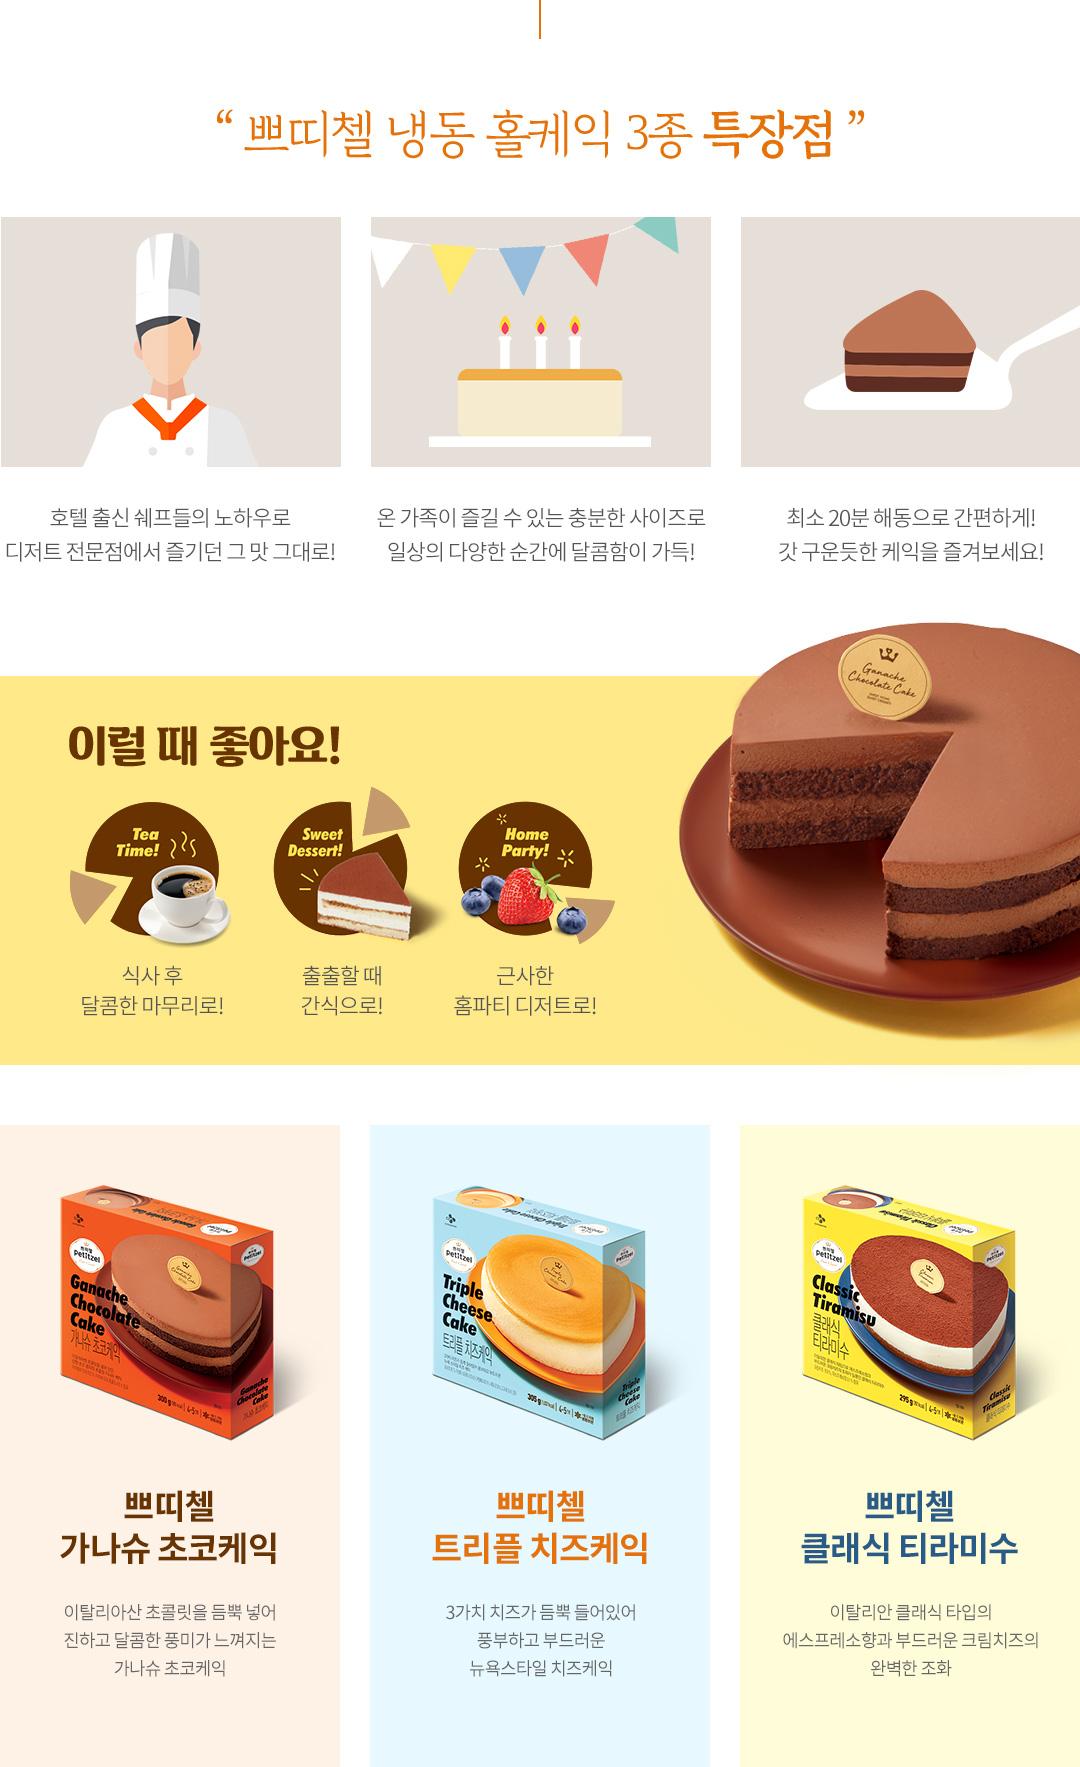 쁘띠첼 냉동 홀케익 3종 특장점